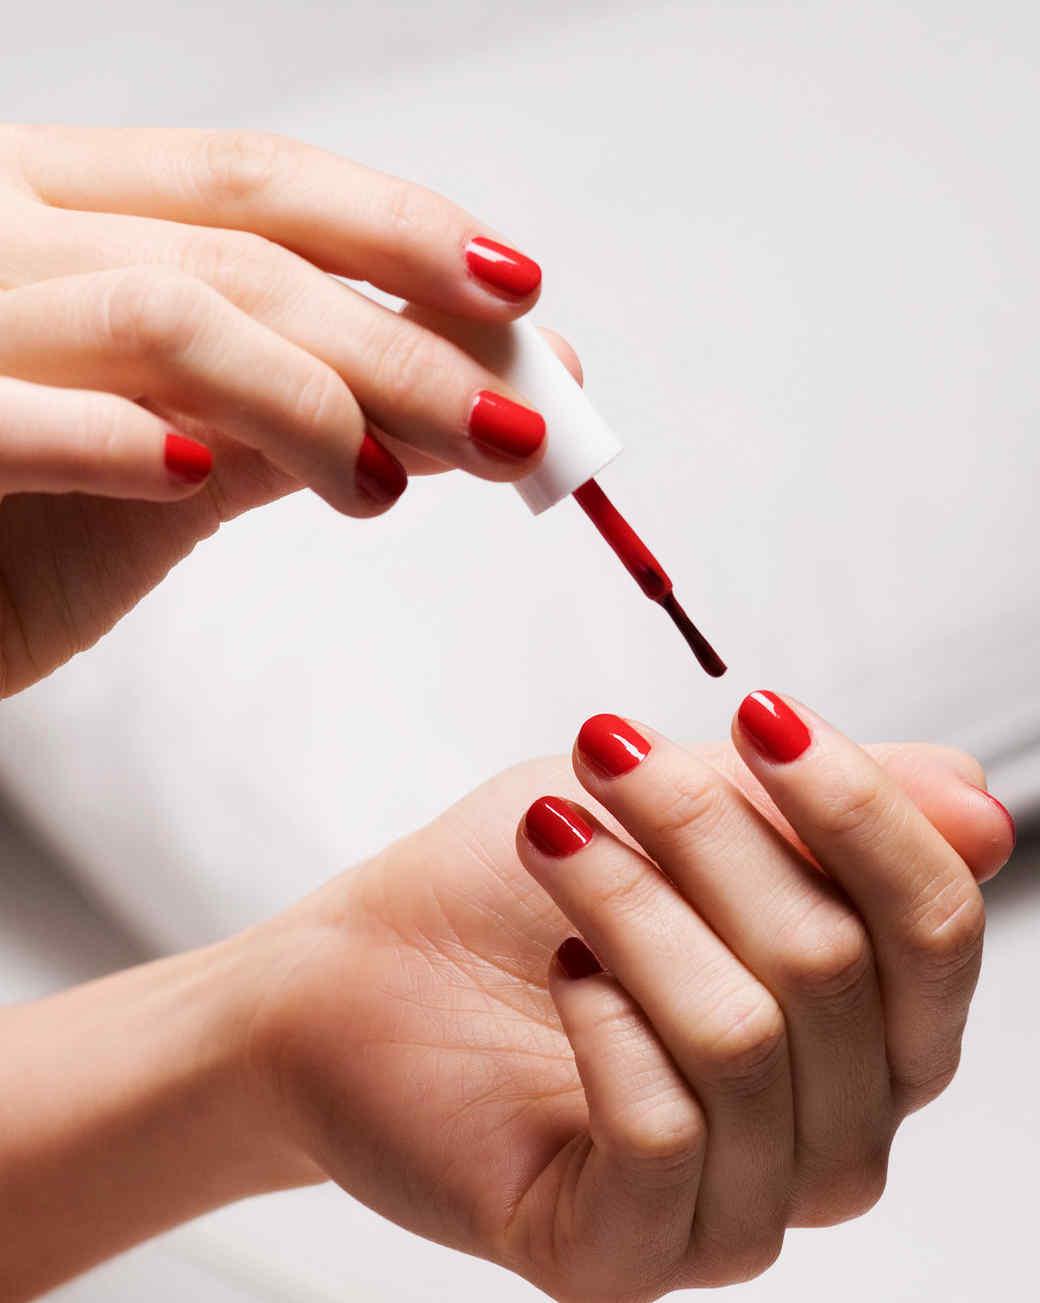 woman painting nails red nail polish